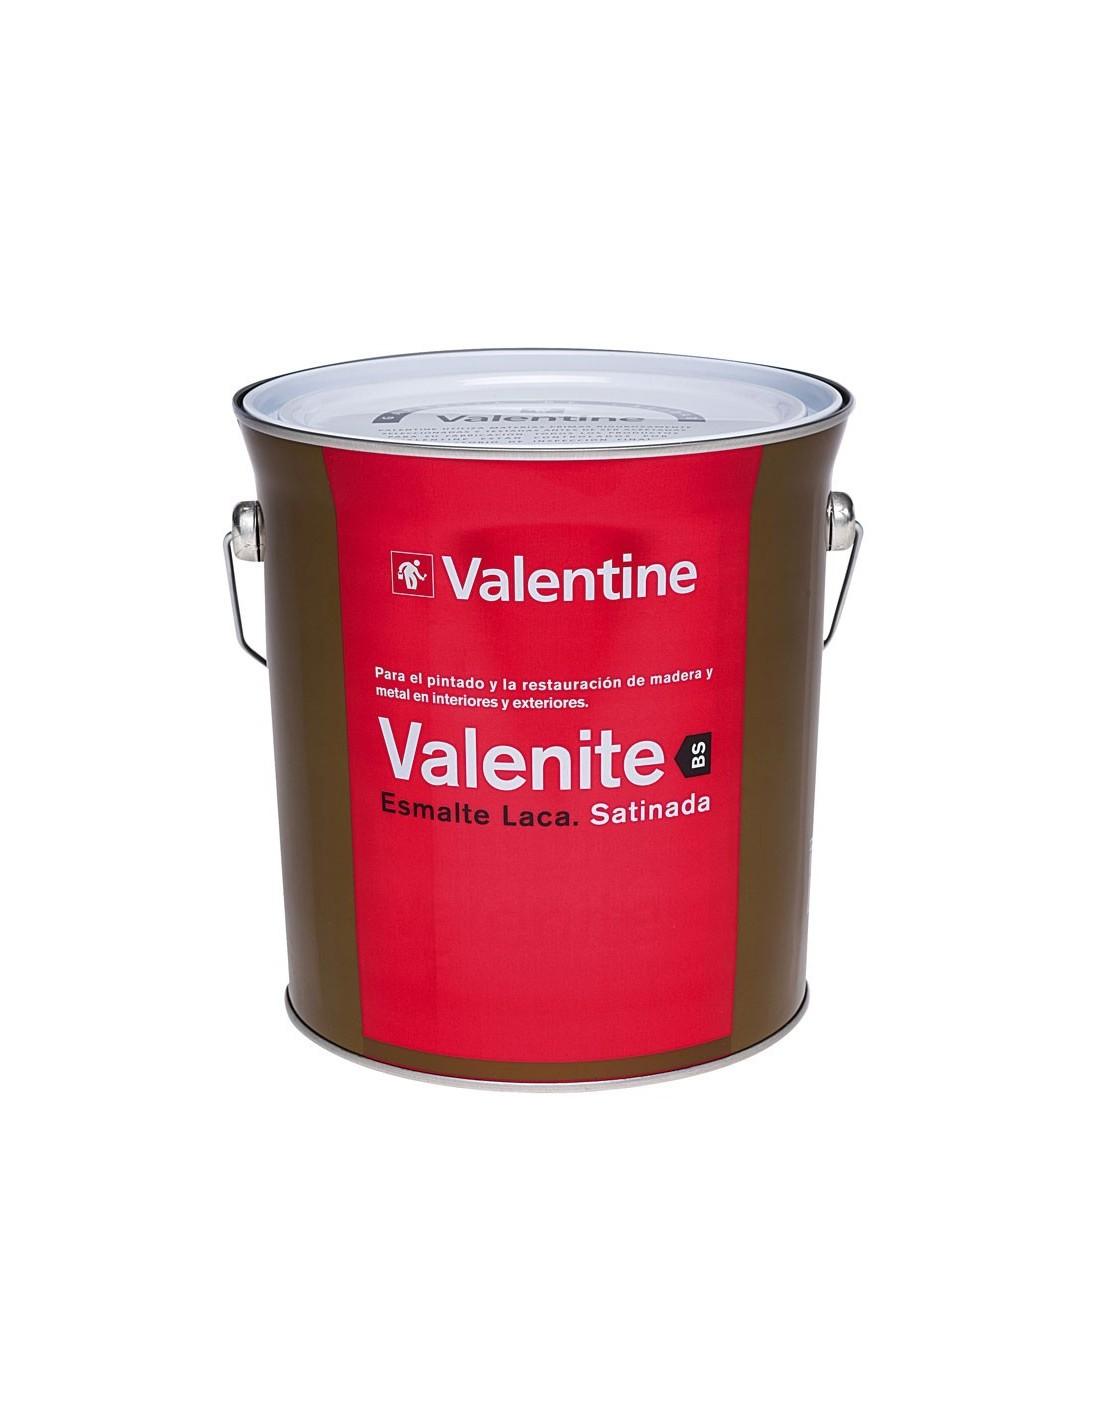 Valentine esmalte laca satinada blanco pinturas m laga sol - Laca para metales ...